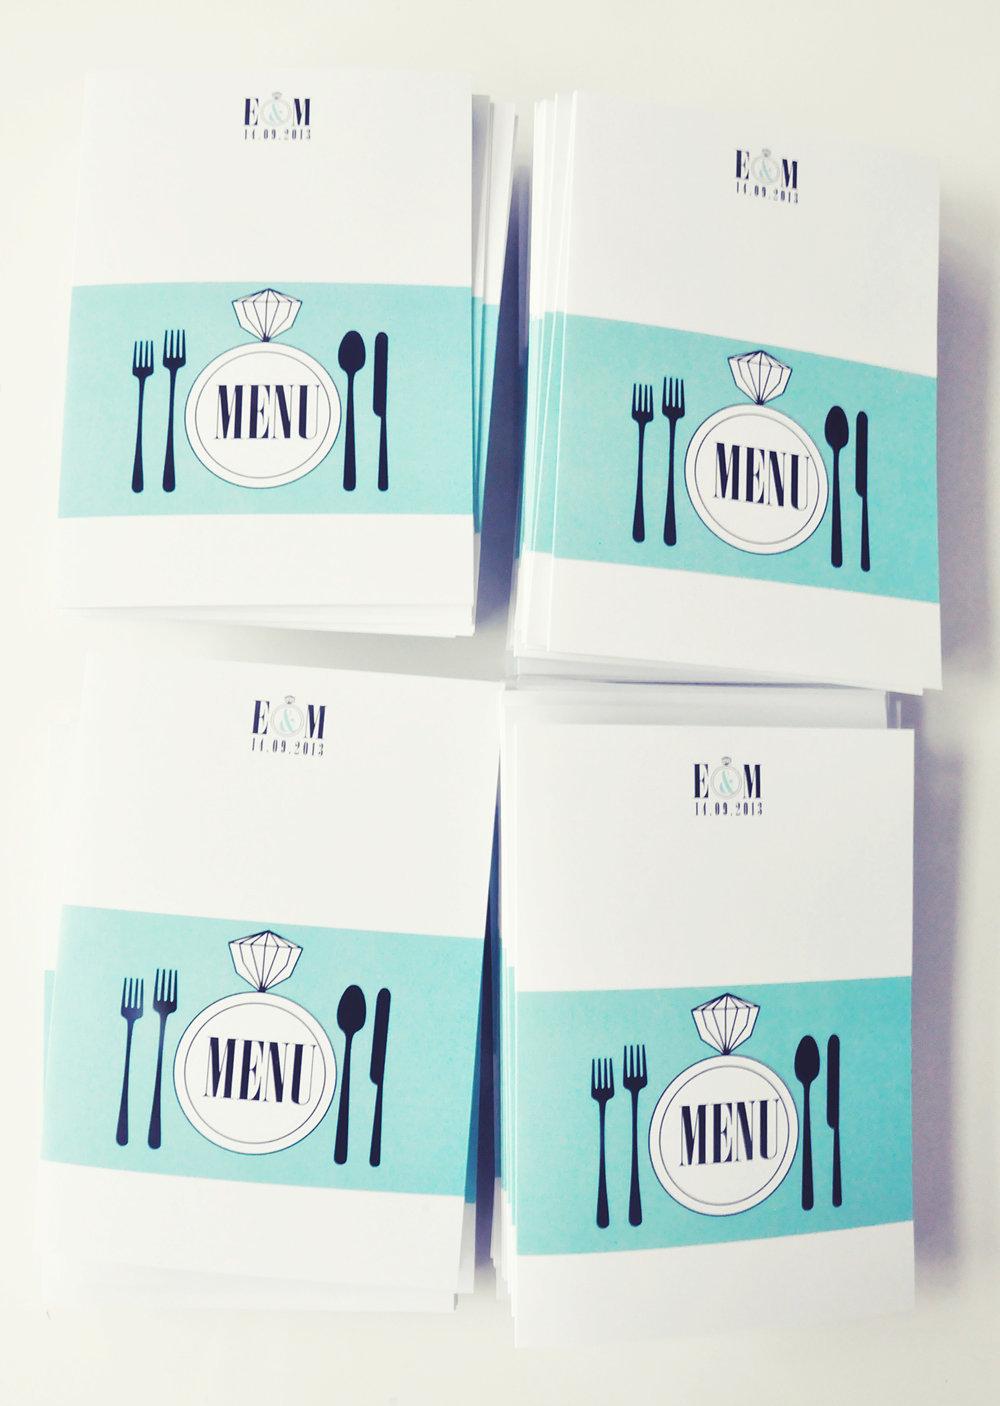 zaproszenia ślubne fashionelki wieża eiffel paryż piktogramy elegancki minimalizm błękit kolor tiffany zdjęcie narzeczonych Projekt Ślub (8).JPG